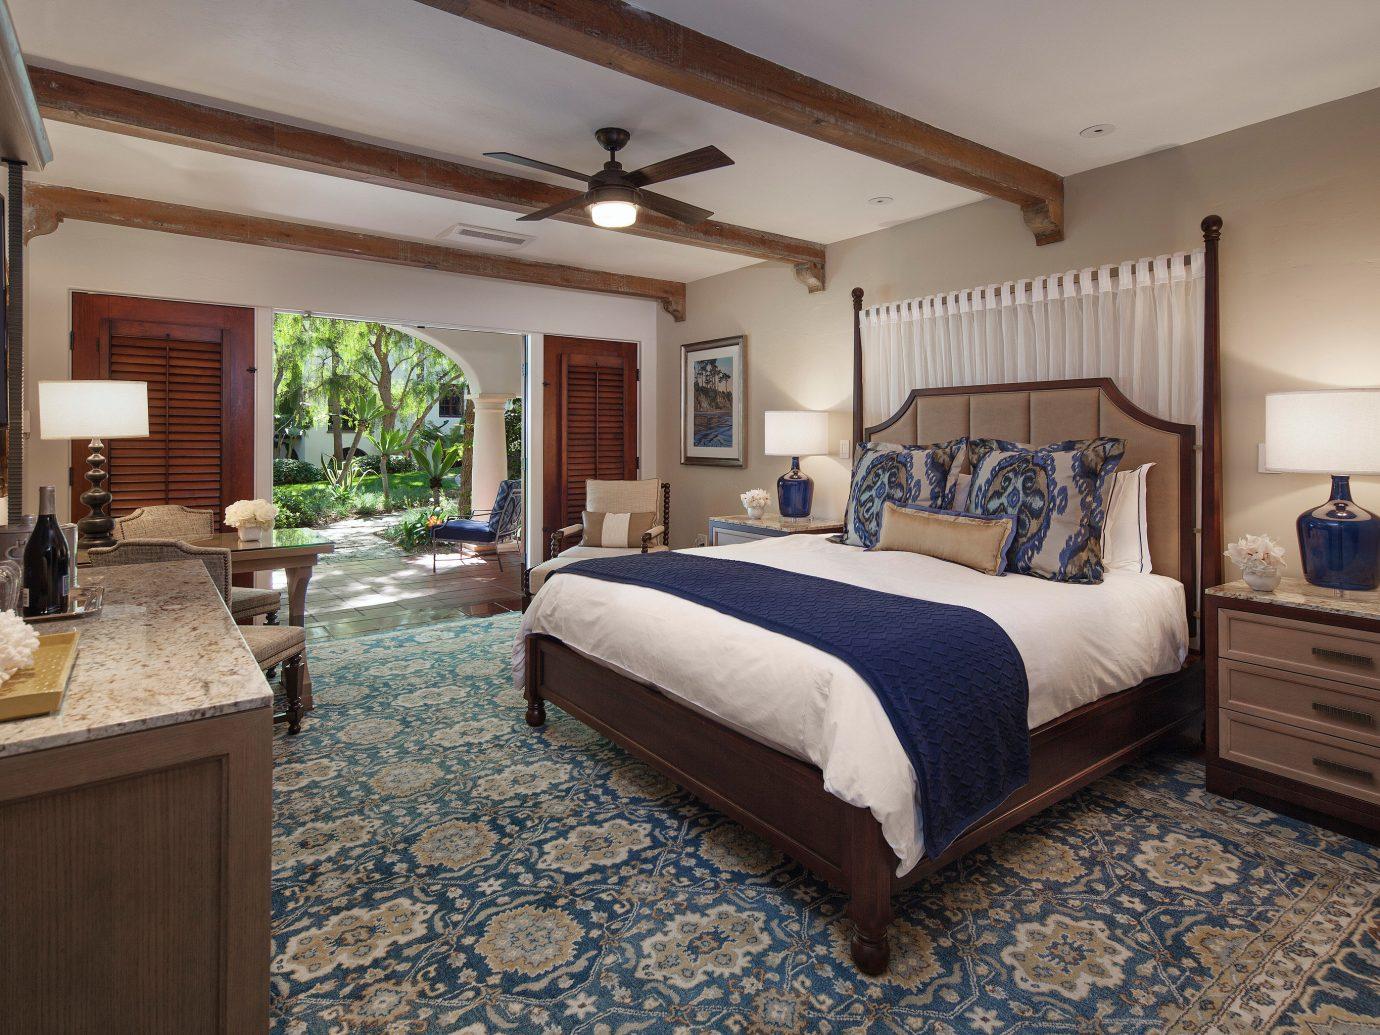 Hotels indoor wall floor bed ceiling room property Bedroom estate hotel real estate cottage home hardwood Suite Villa interior design living room